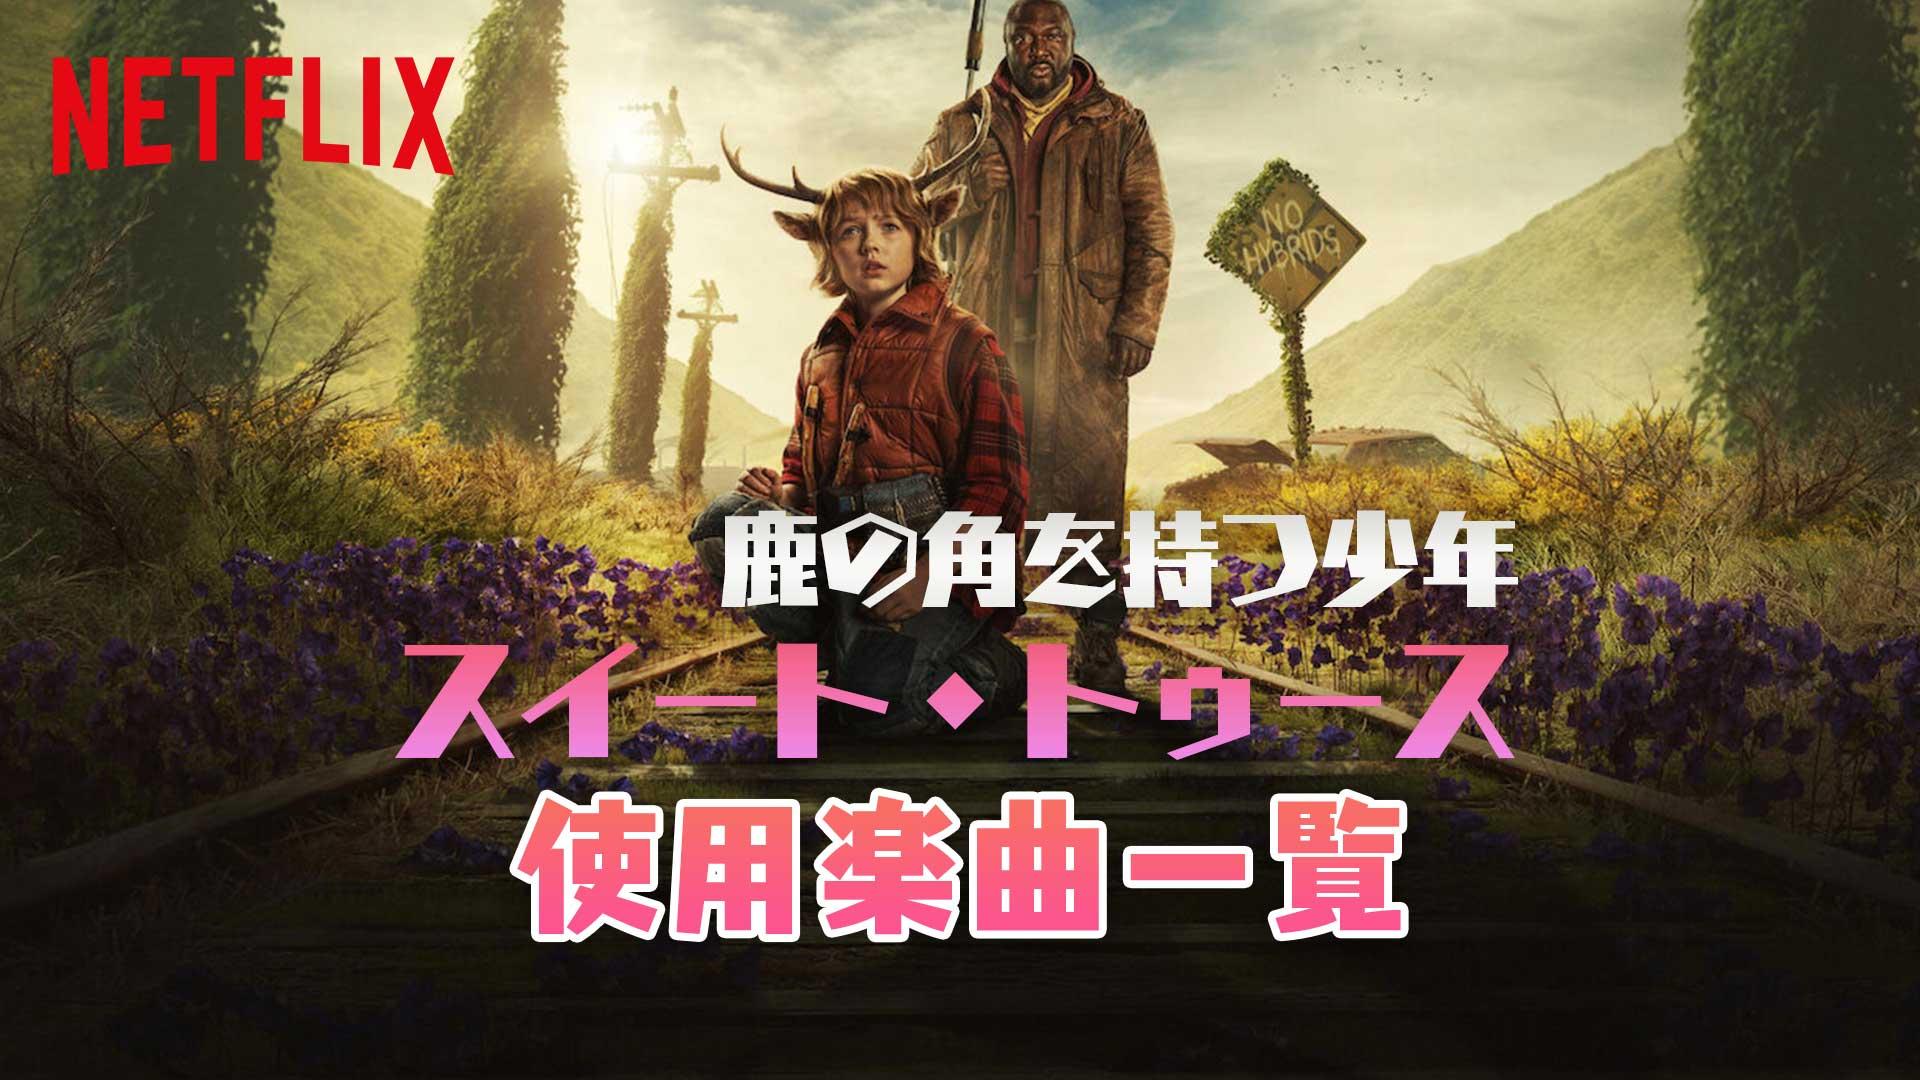 Netflixドラマ『スイート・トゥース: 鹿の角を持つ少年』で使われている曲まとめ!